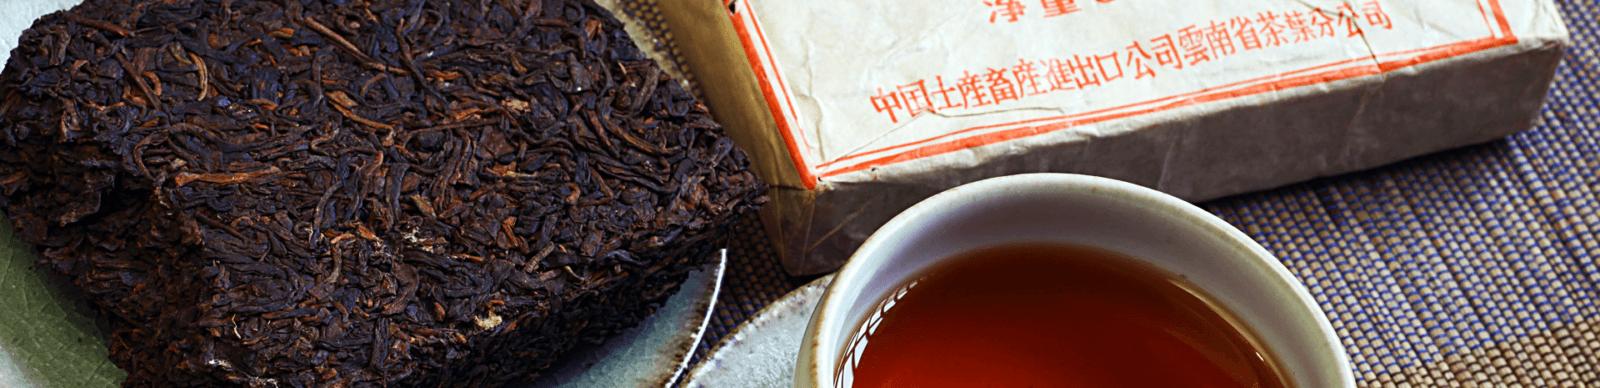 Купить прессованный чай в Брикетах оптом и в розницу - магазин чая ПУТЬ ЧАЯ .рф